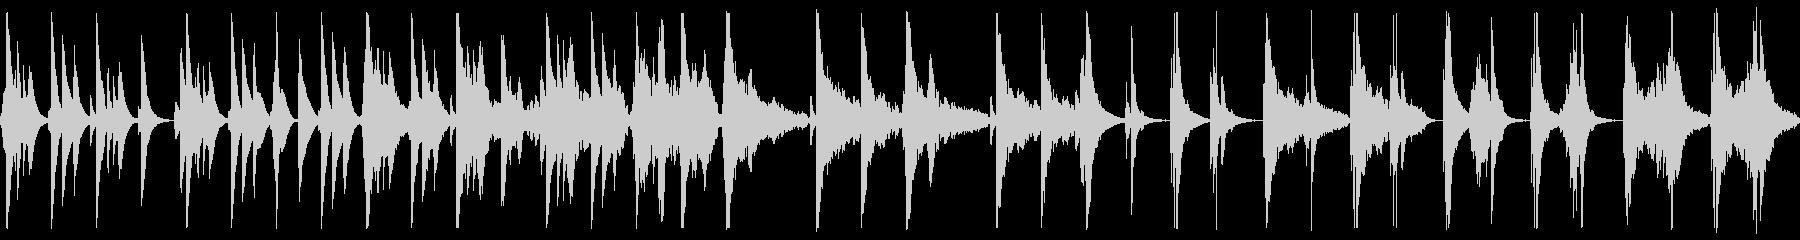 ゆったり静かめな和楽器の曲の未再生の波形